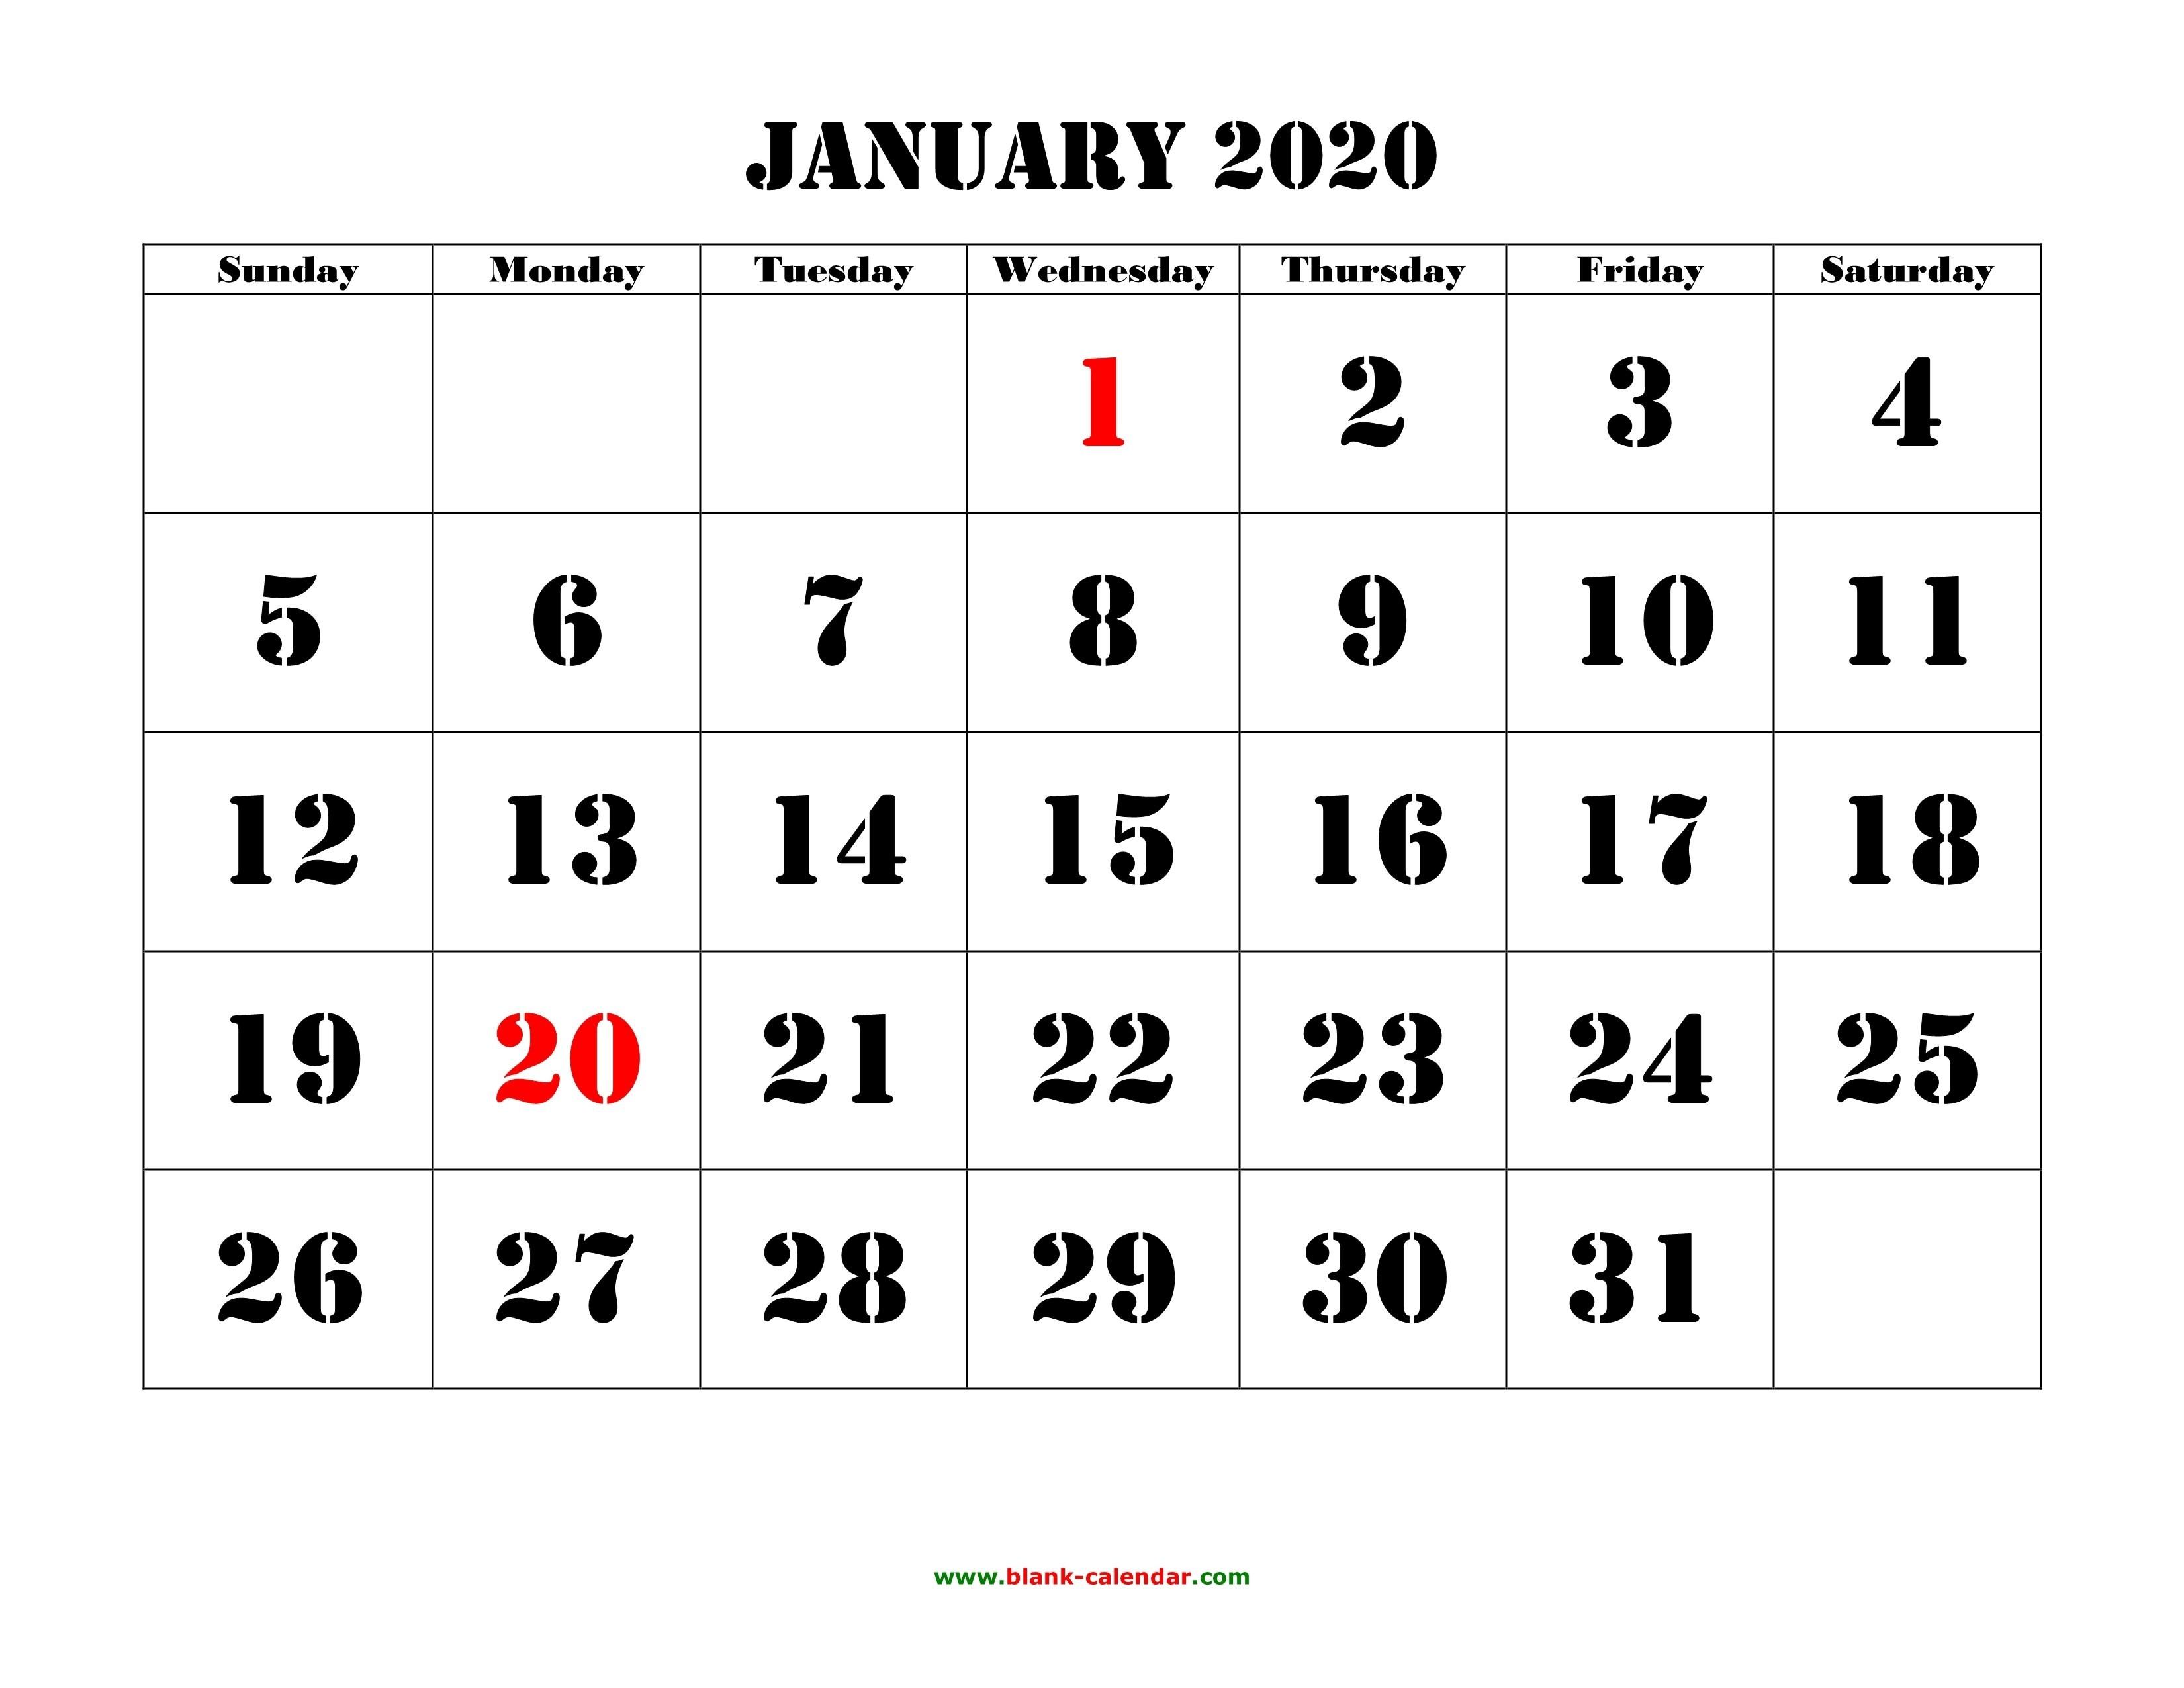 Free January 2020 Printable Calendar - Create Your Editable-January 2020 Hindu Calendar